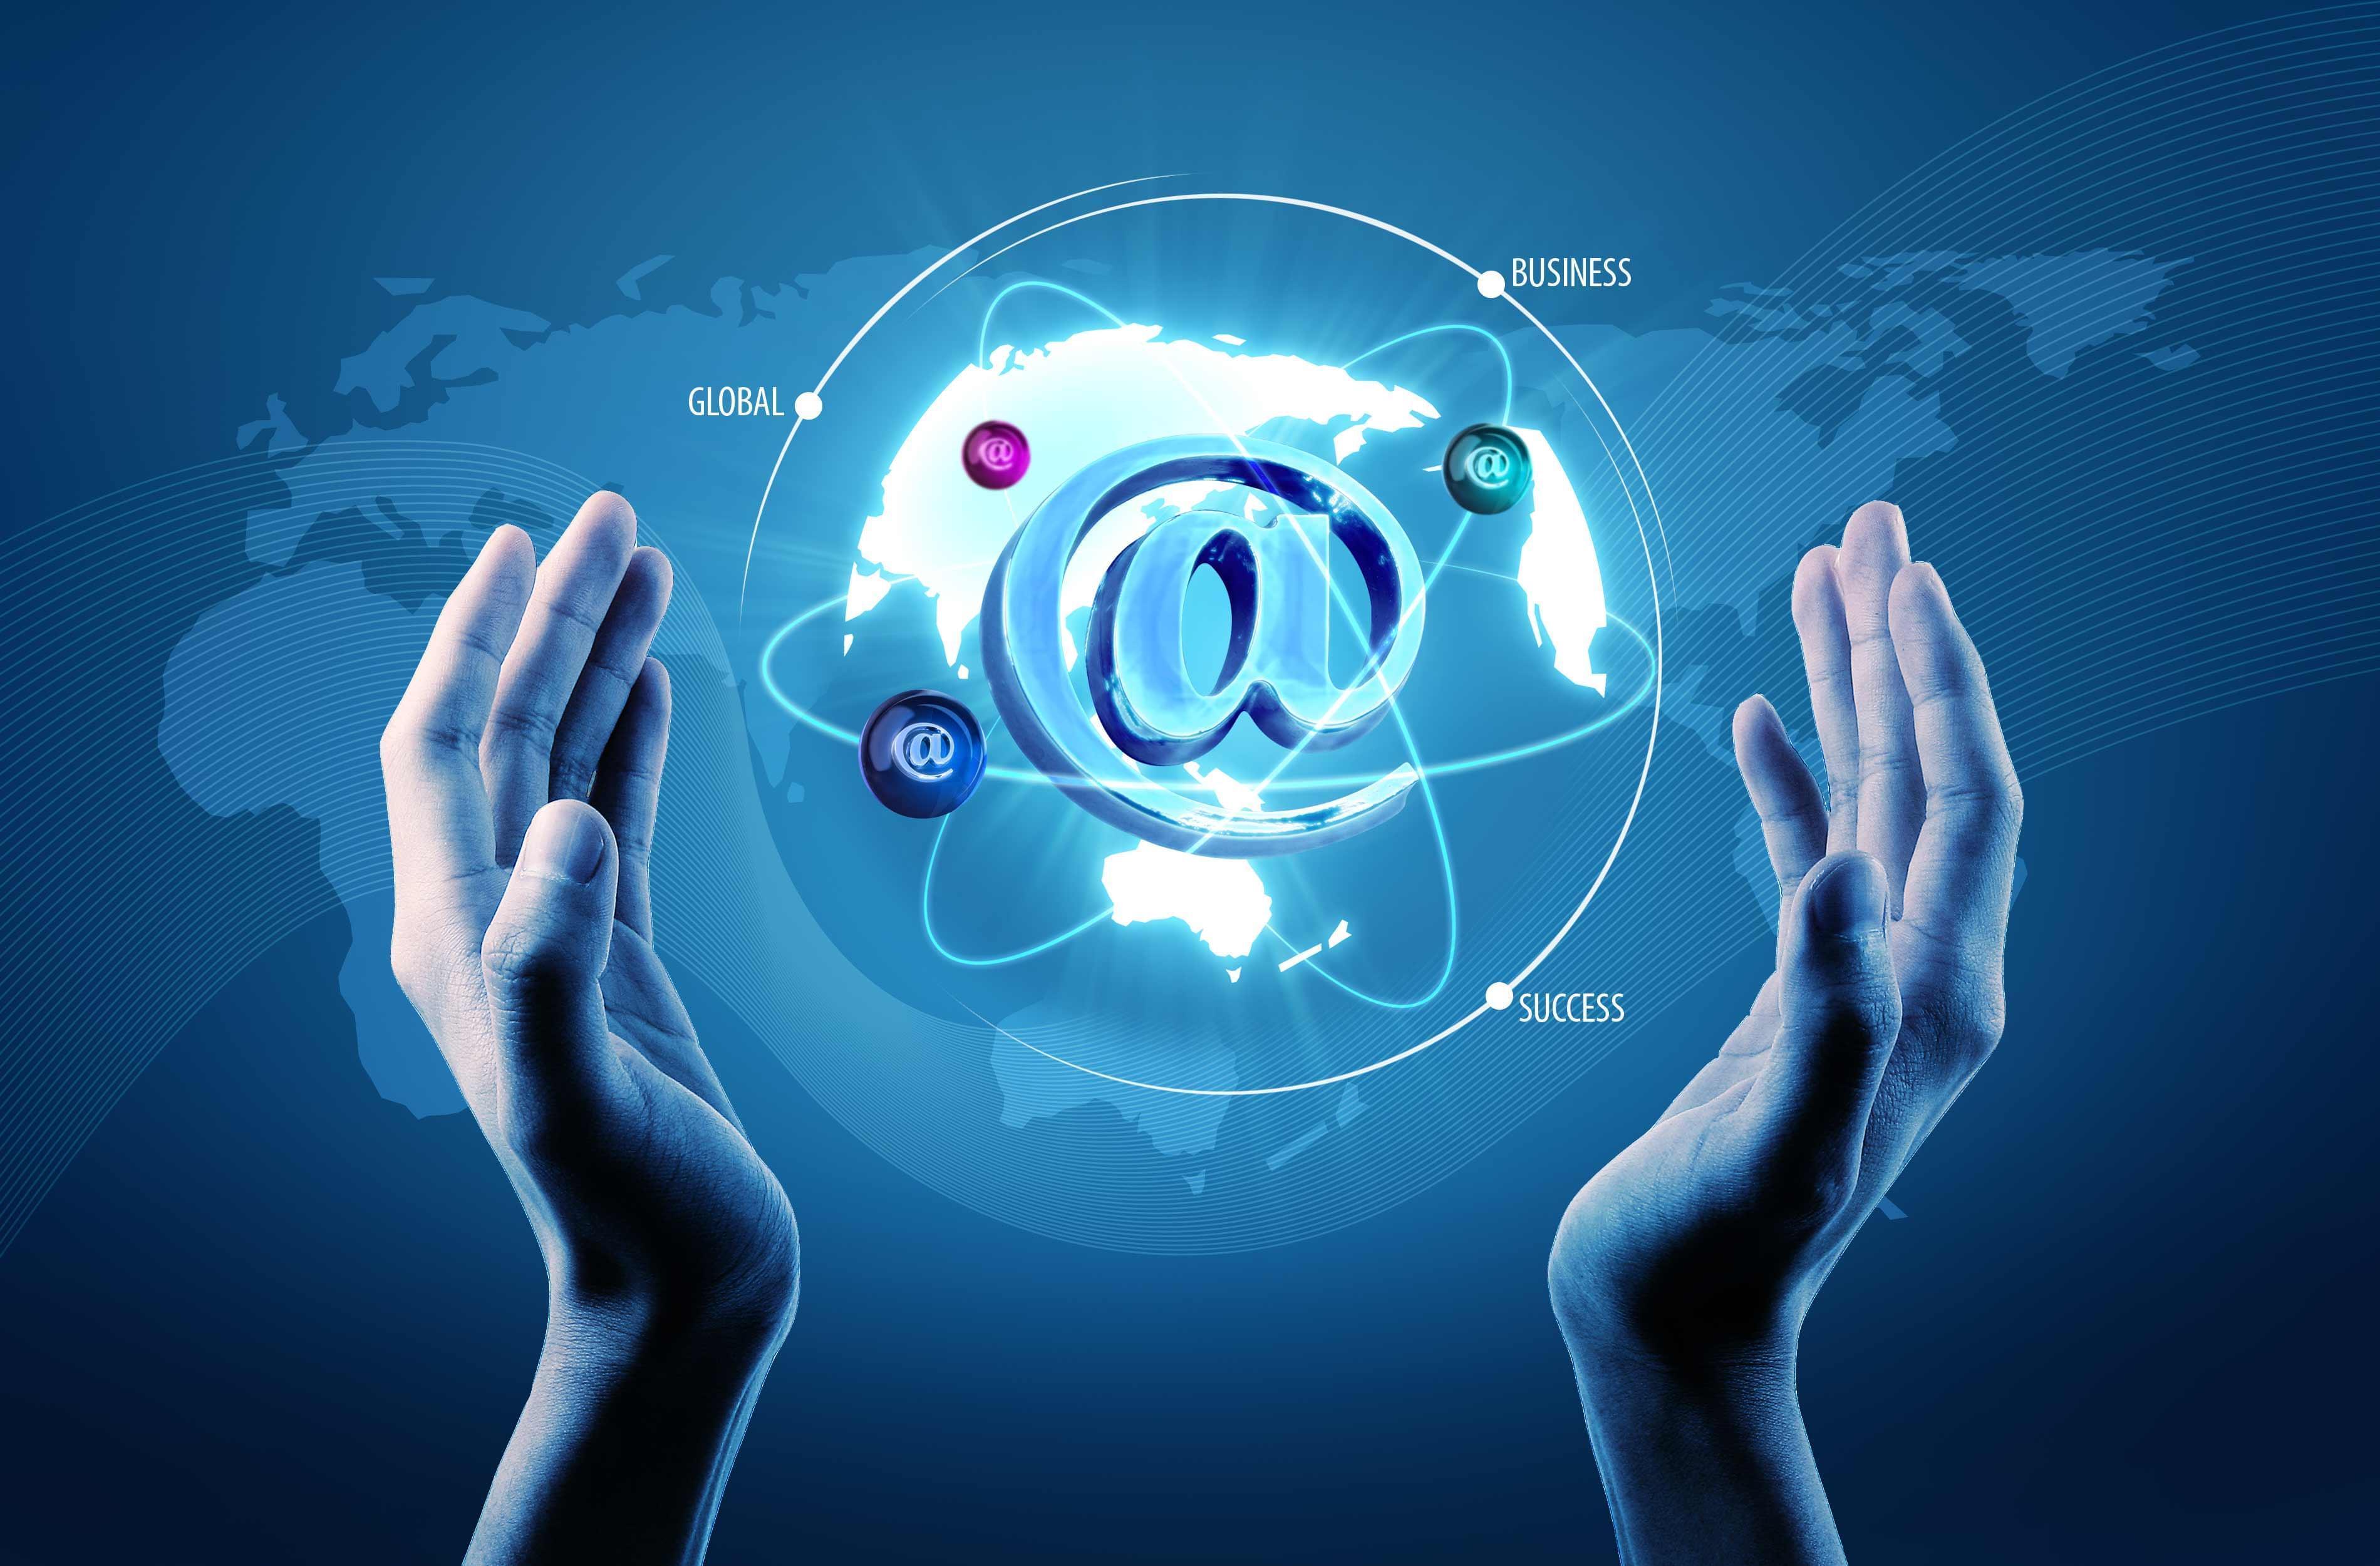 微信朋友圈营销怎样做到更好?